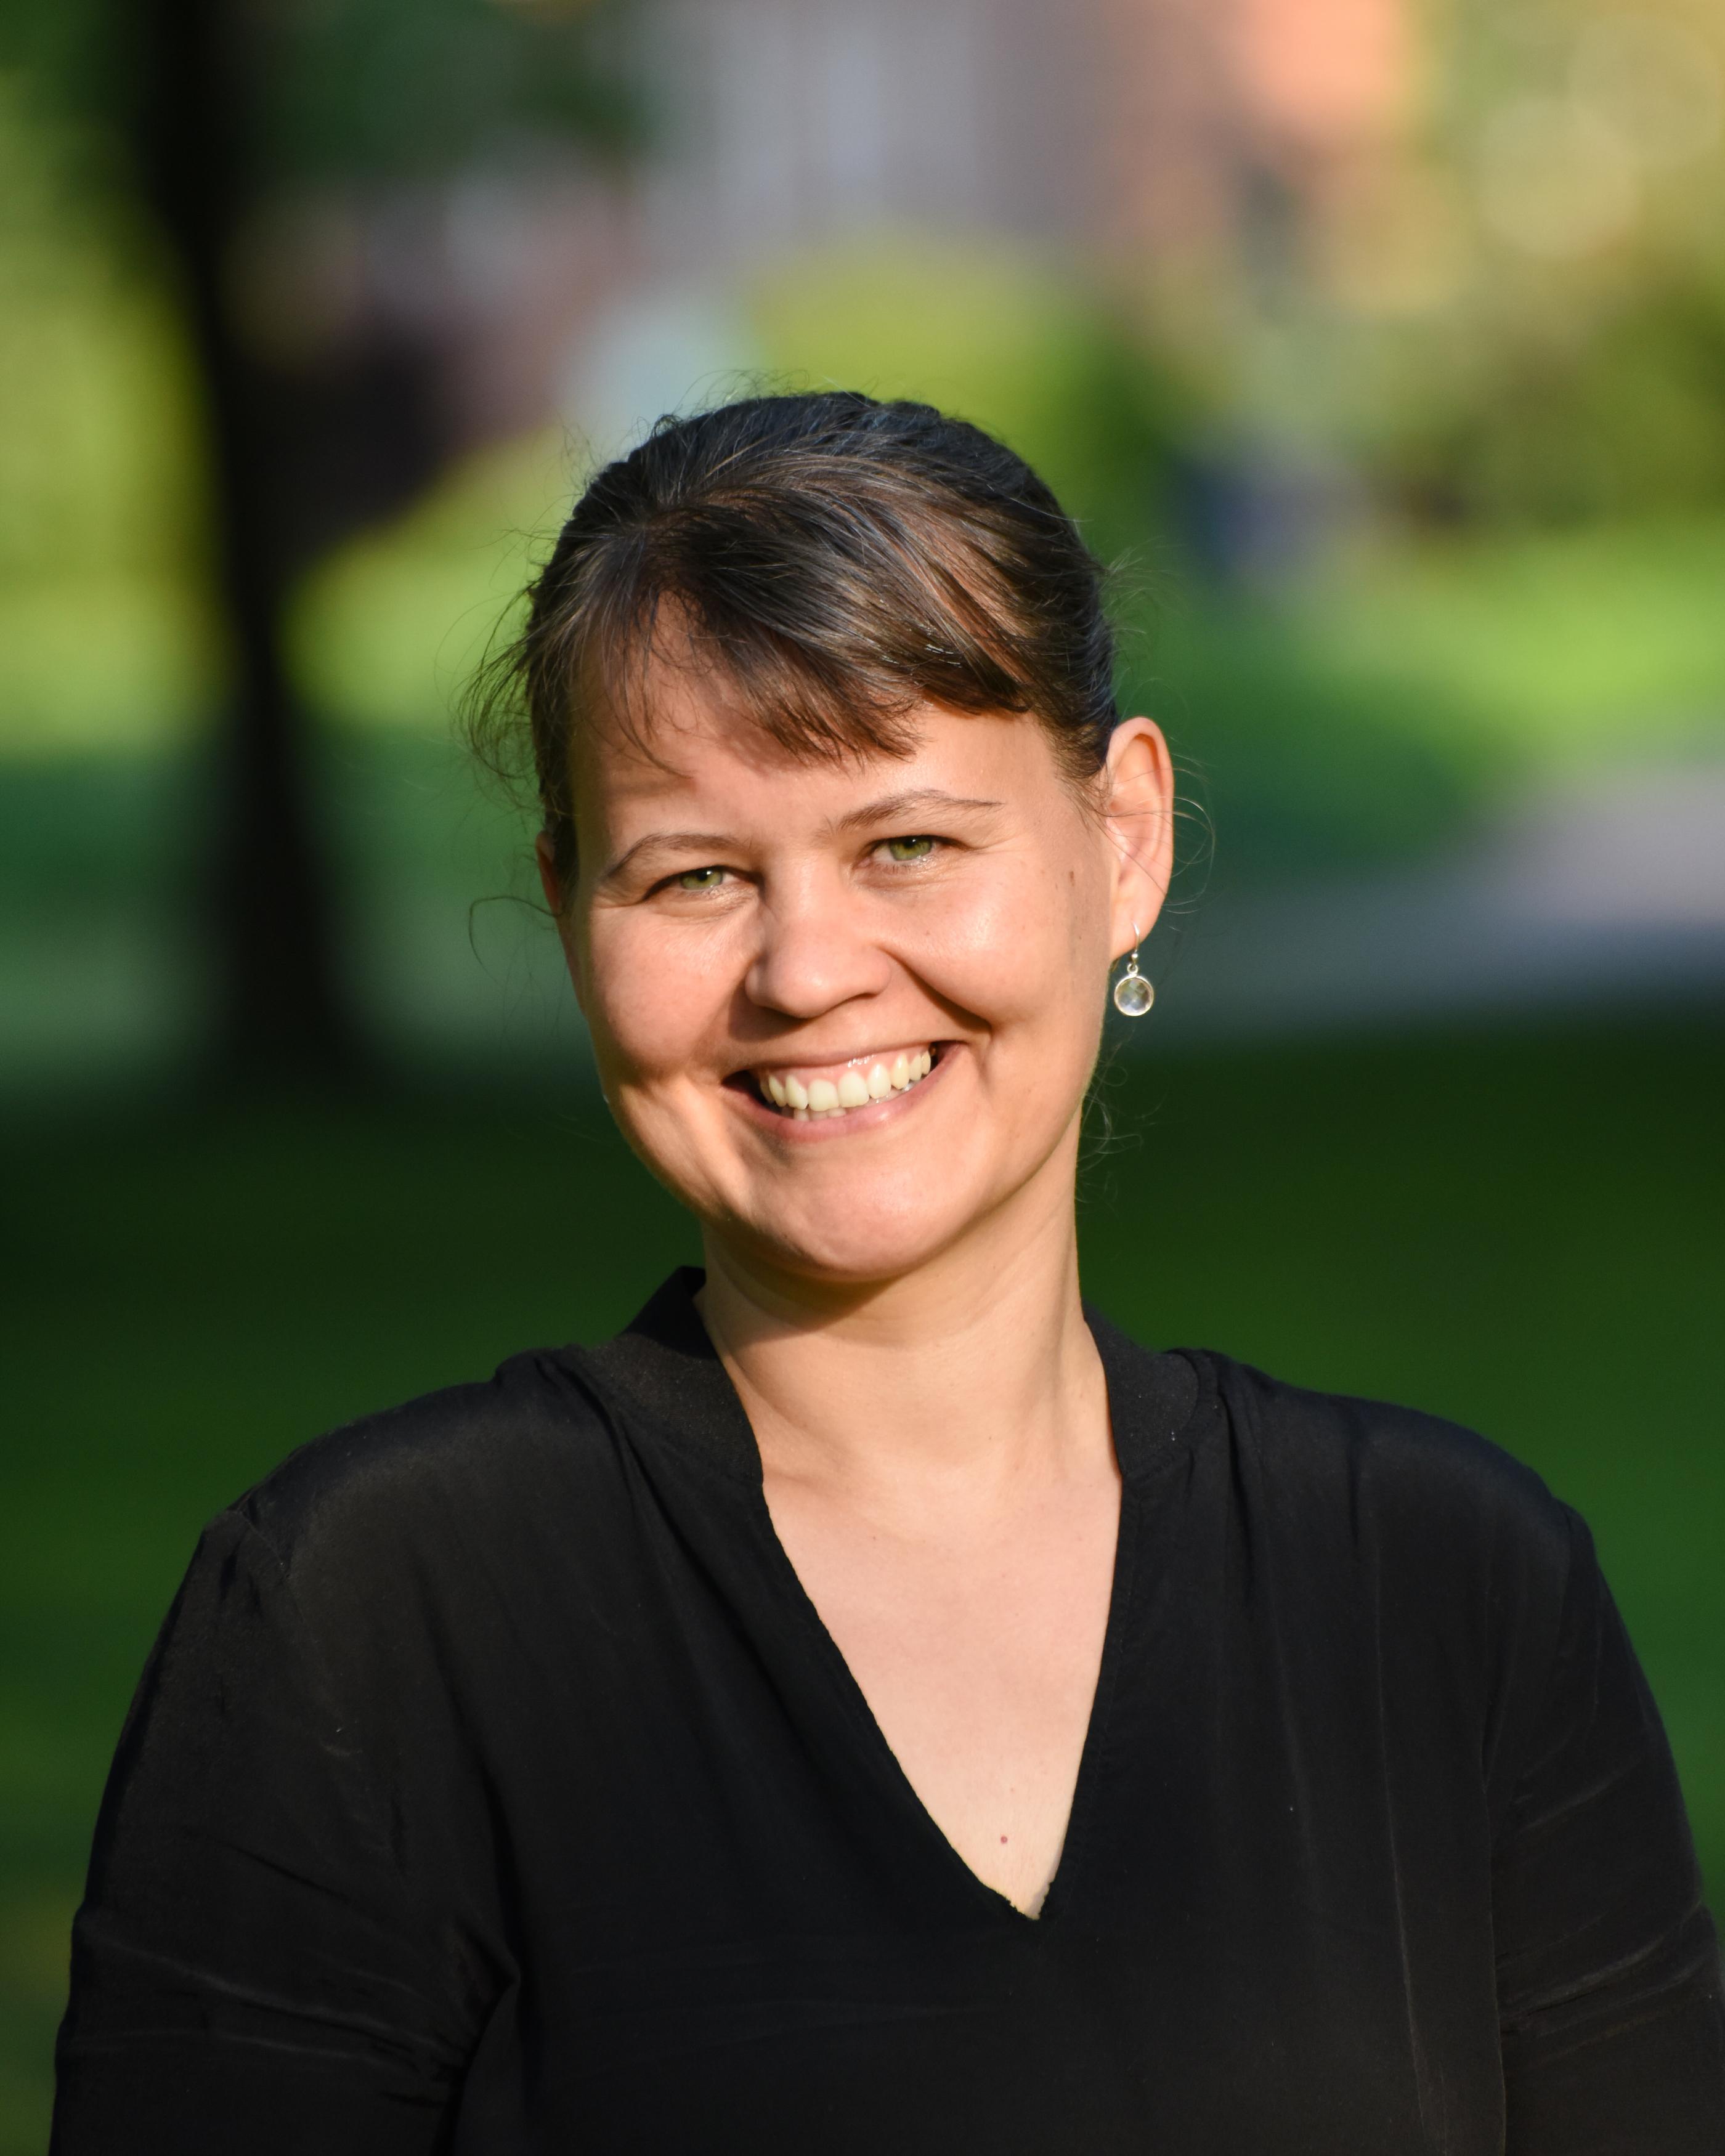 Marthe Meuthien